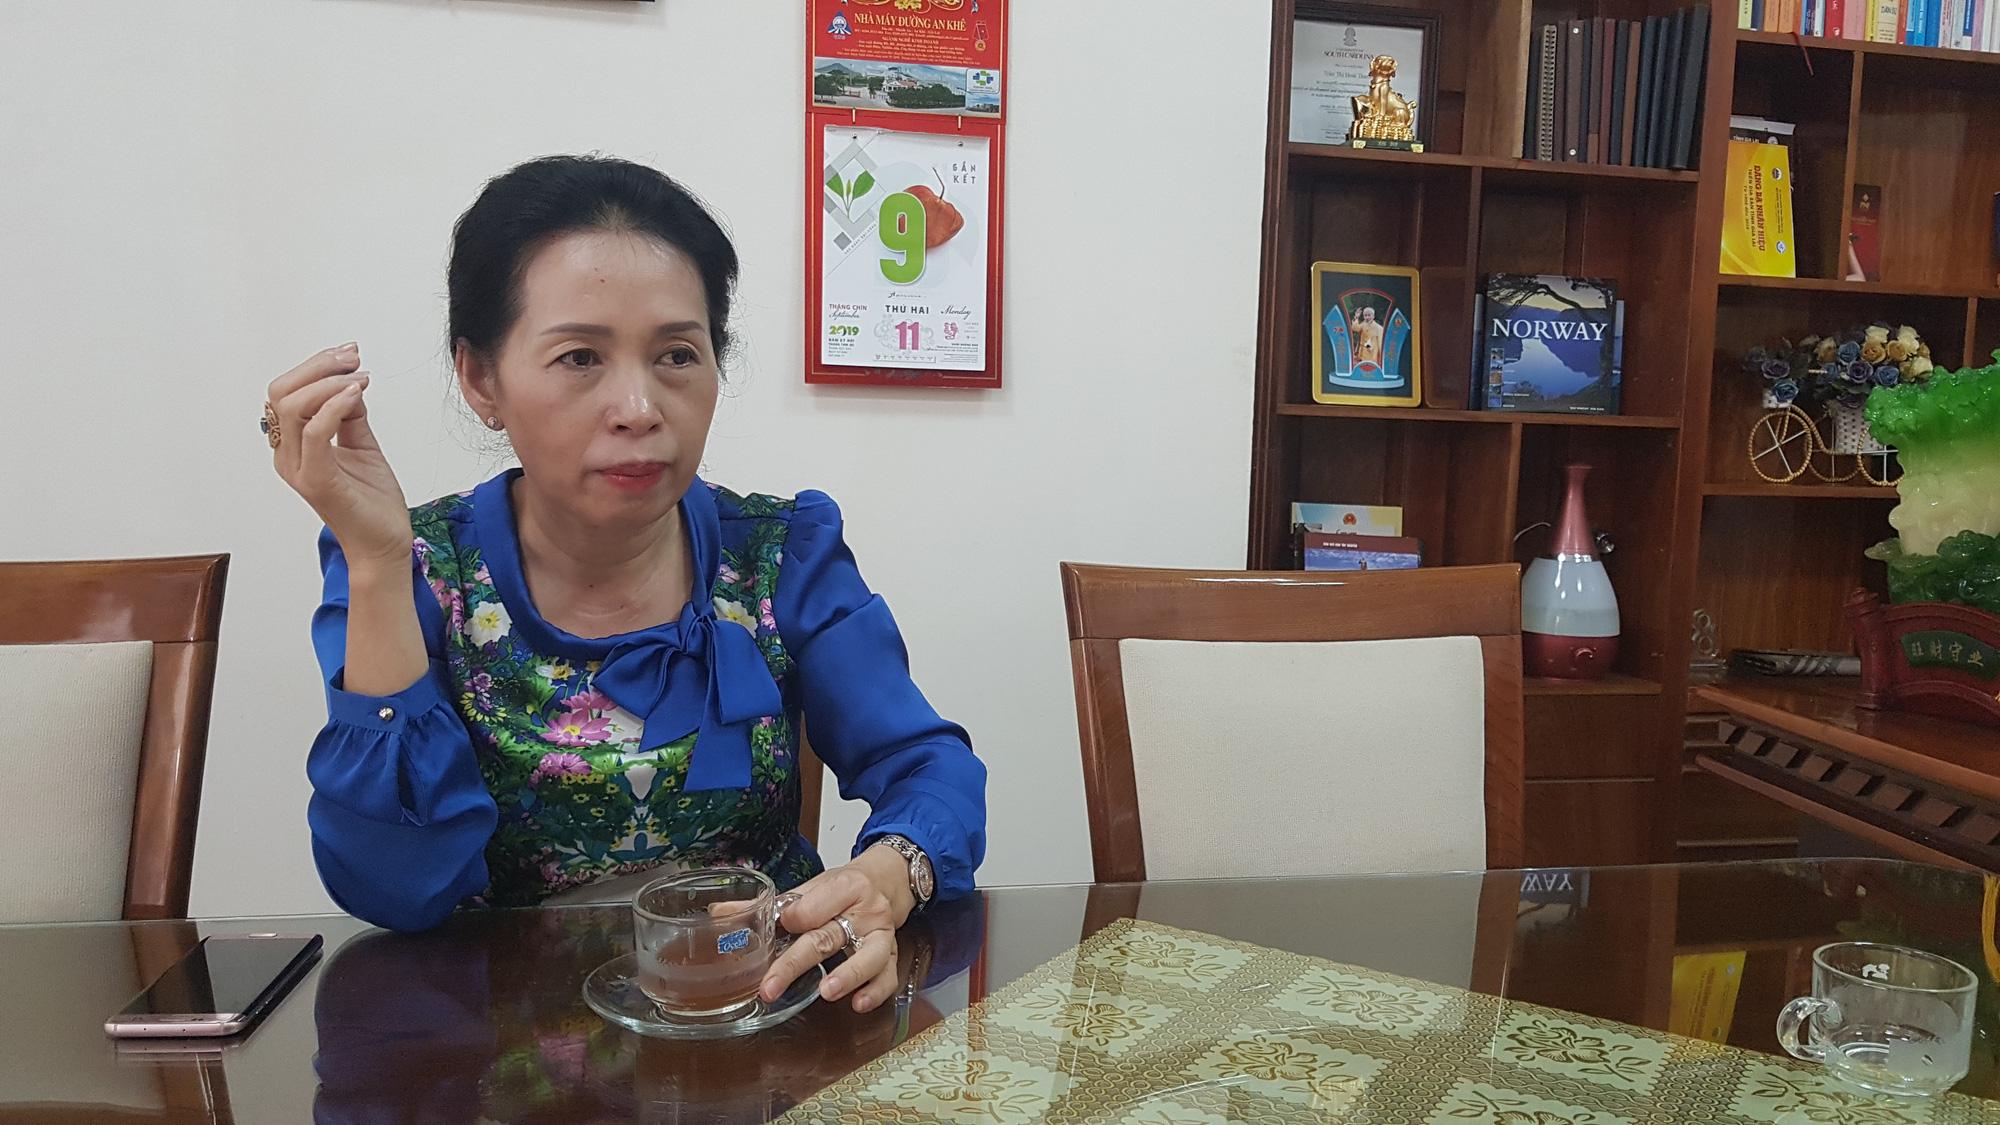 Giám đốc Sở LĐTBXH tỉnh Gia Lai bổ nhiệm, luân chuyển 5 cán bộ sai quy định - Ảnh 1.